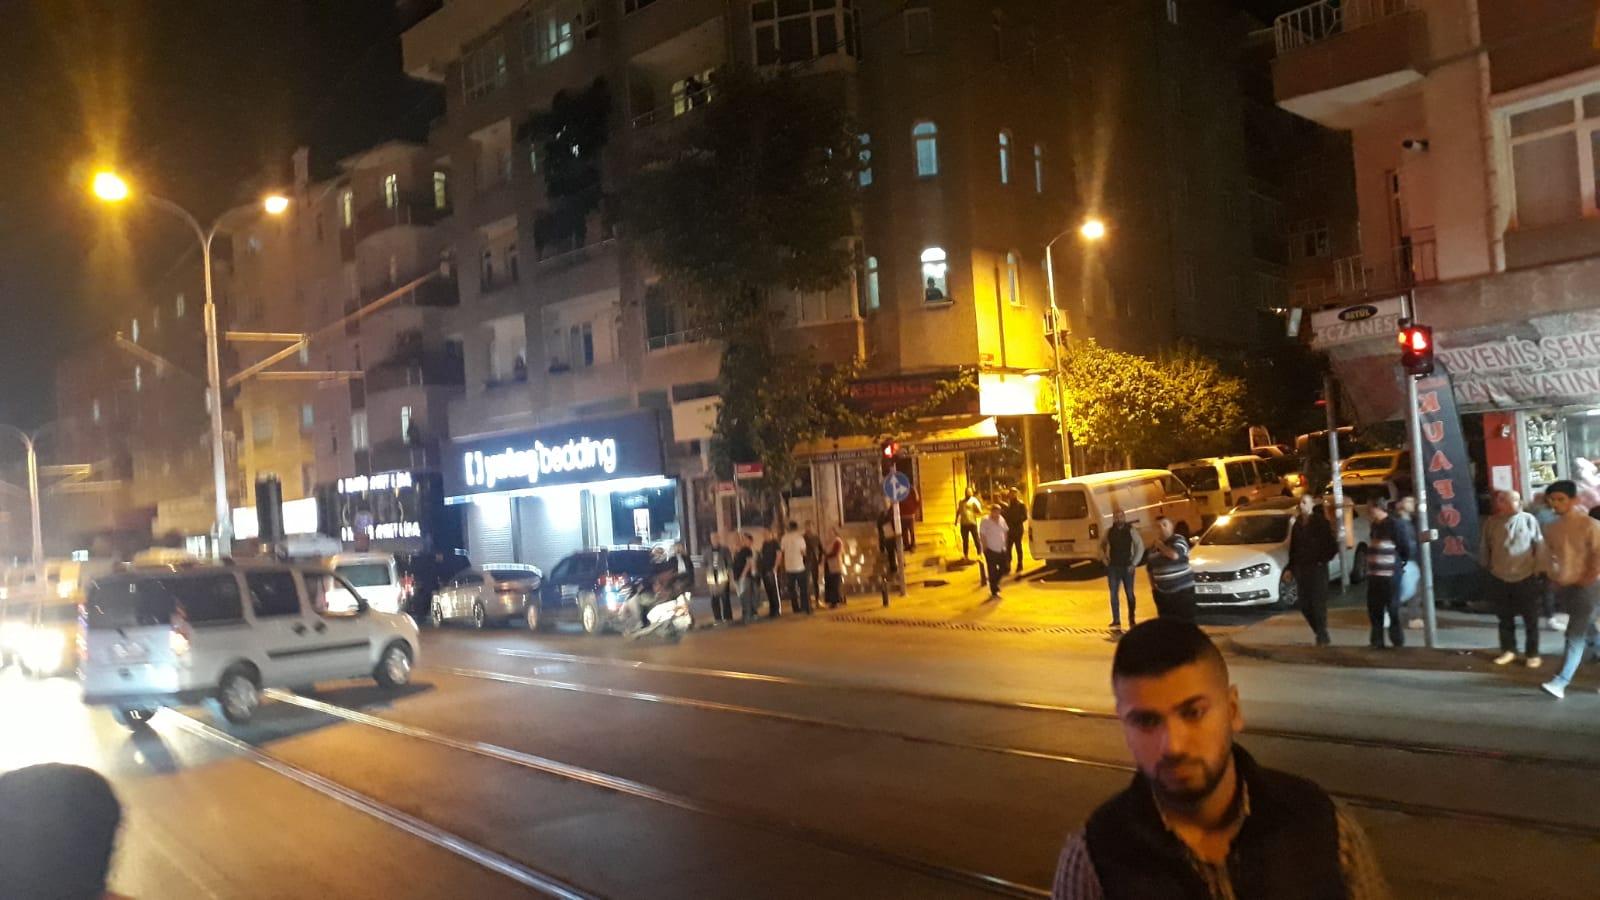 Güngören'de silahla saldırı, 2 yaralı, 1 kişi hayatını kaybetti